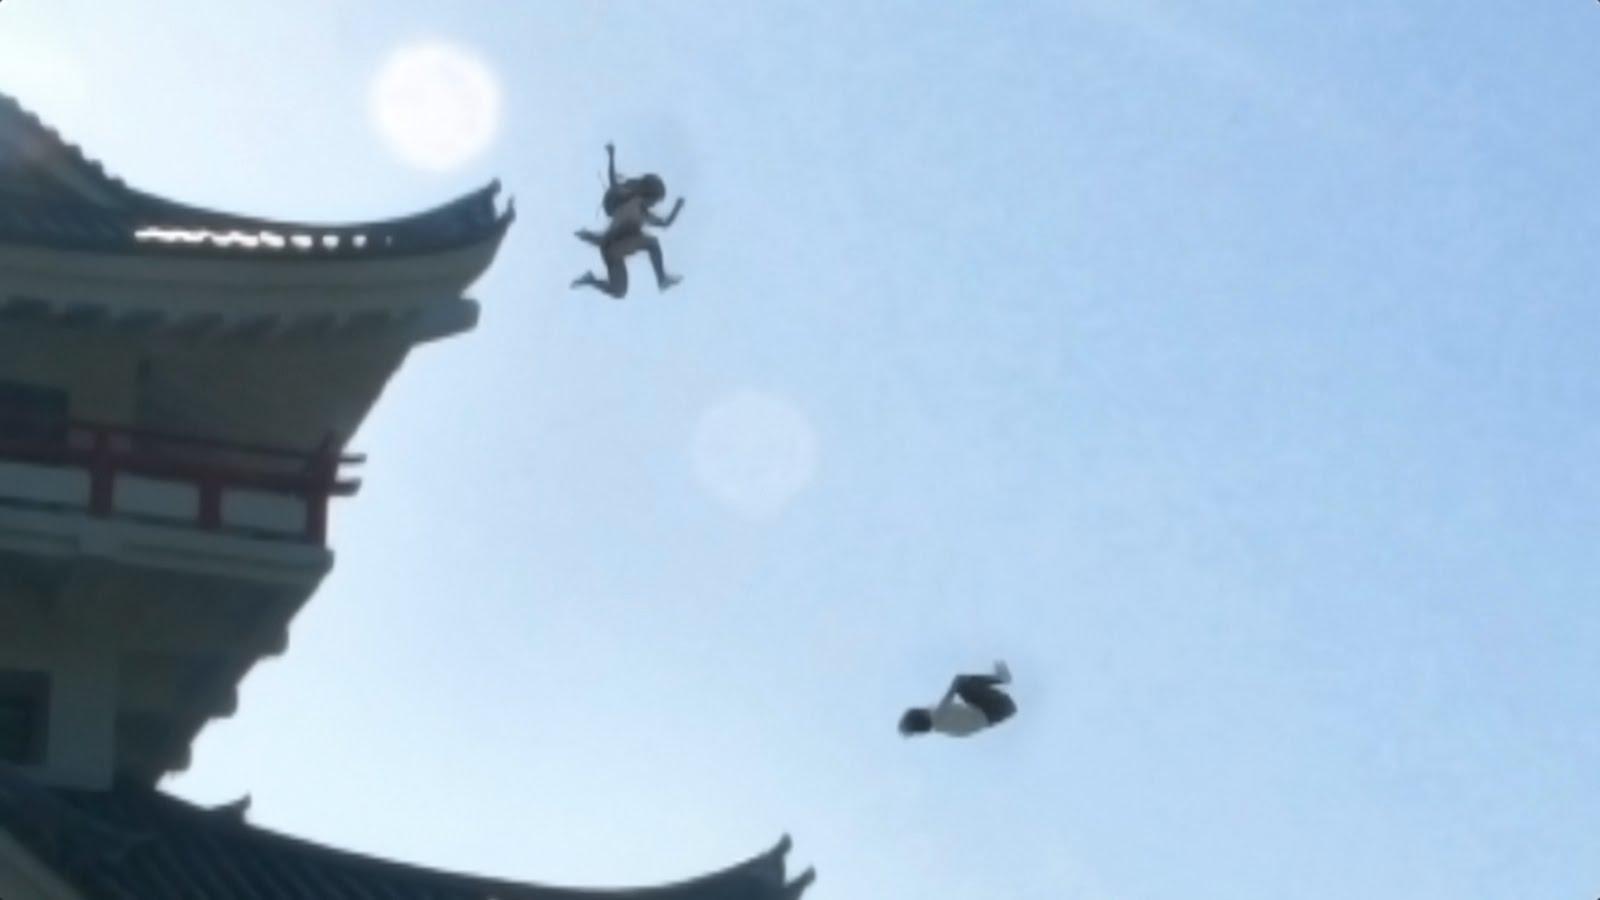 【世界で話題に!!】忍者女子高生 | 制服で大回転 | japanese school girl chase #ninja